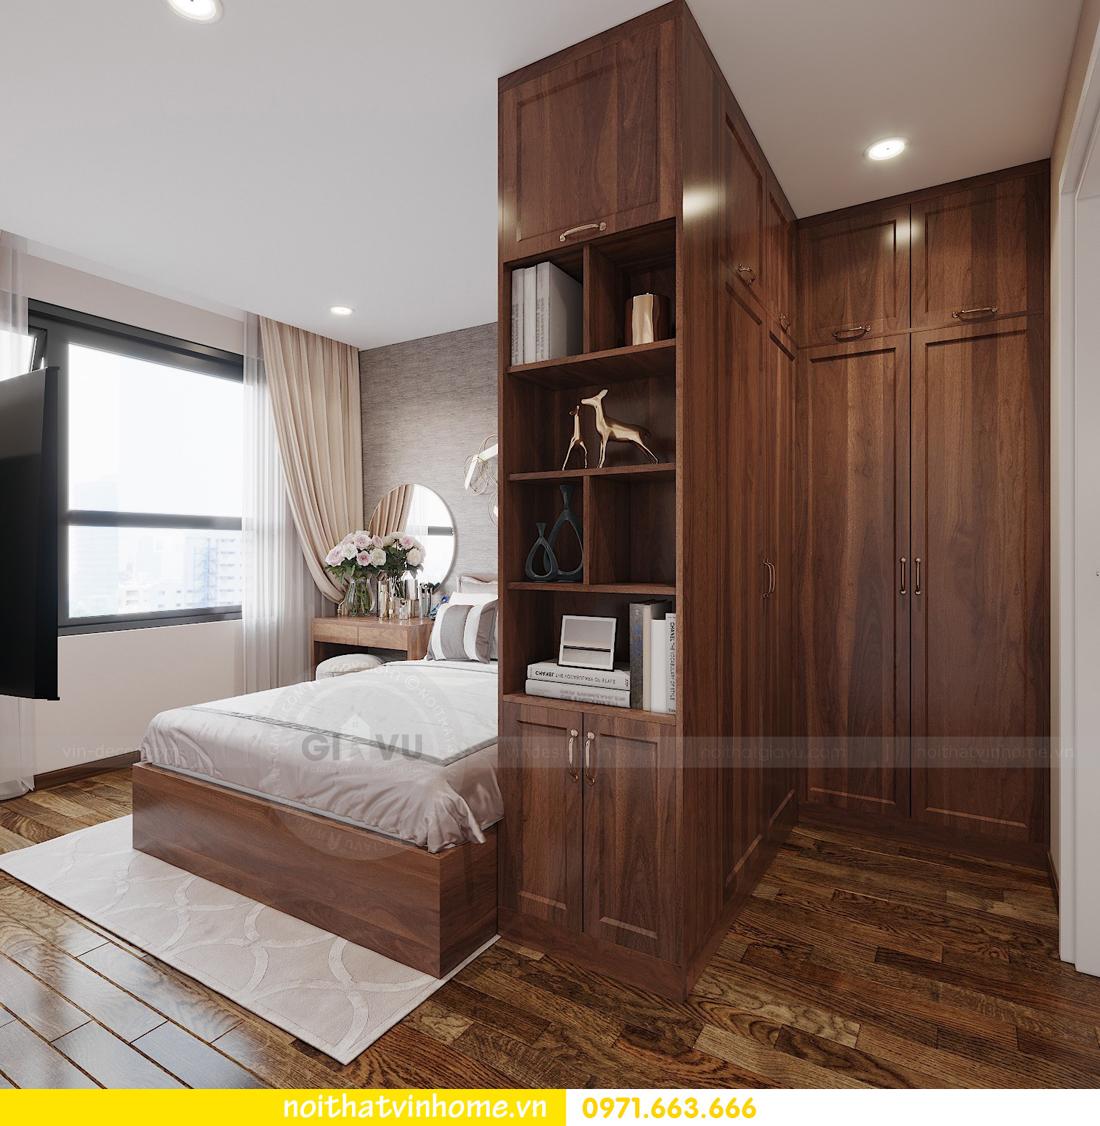 thiết kế nội thất chung cư Vinhomes Ocean Park căn hộ 2 phòng ngủ 4